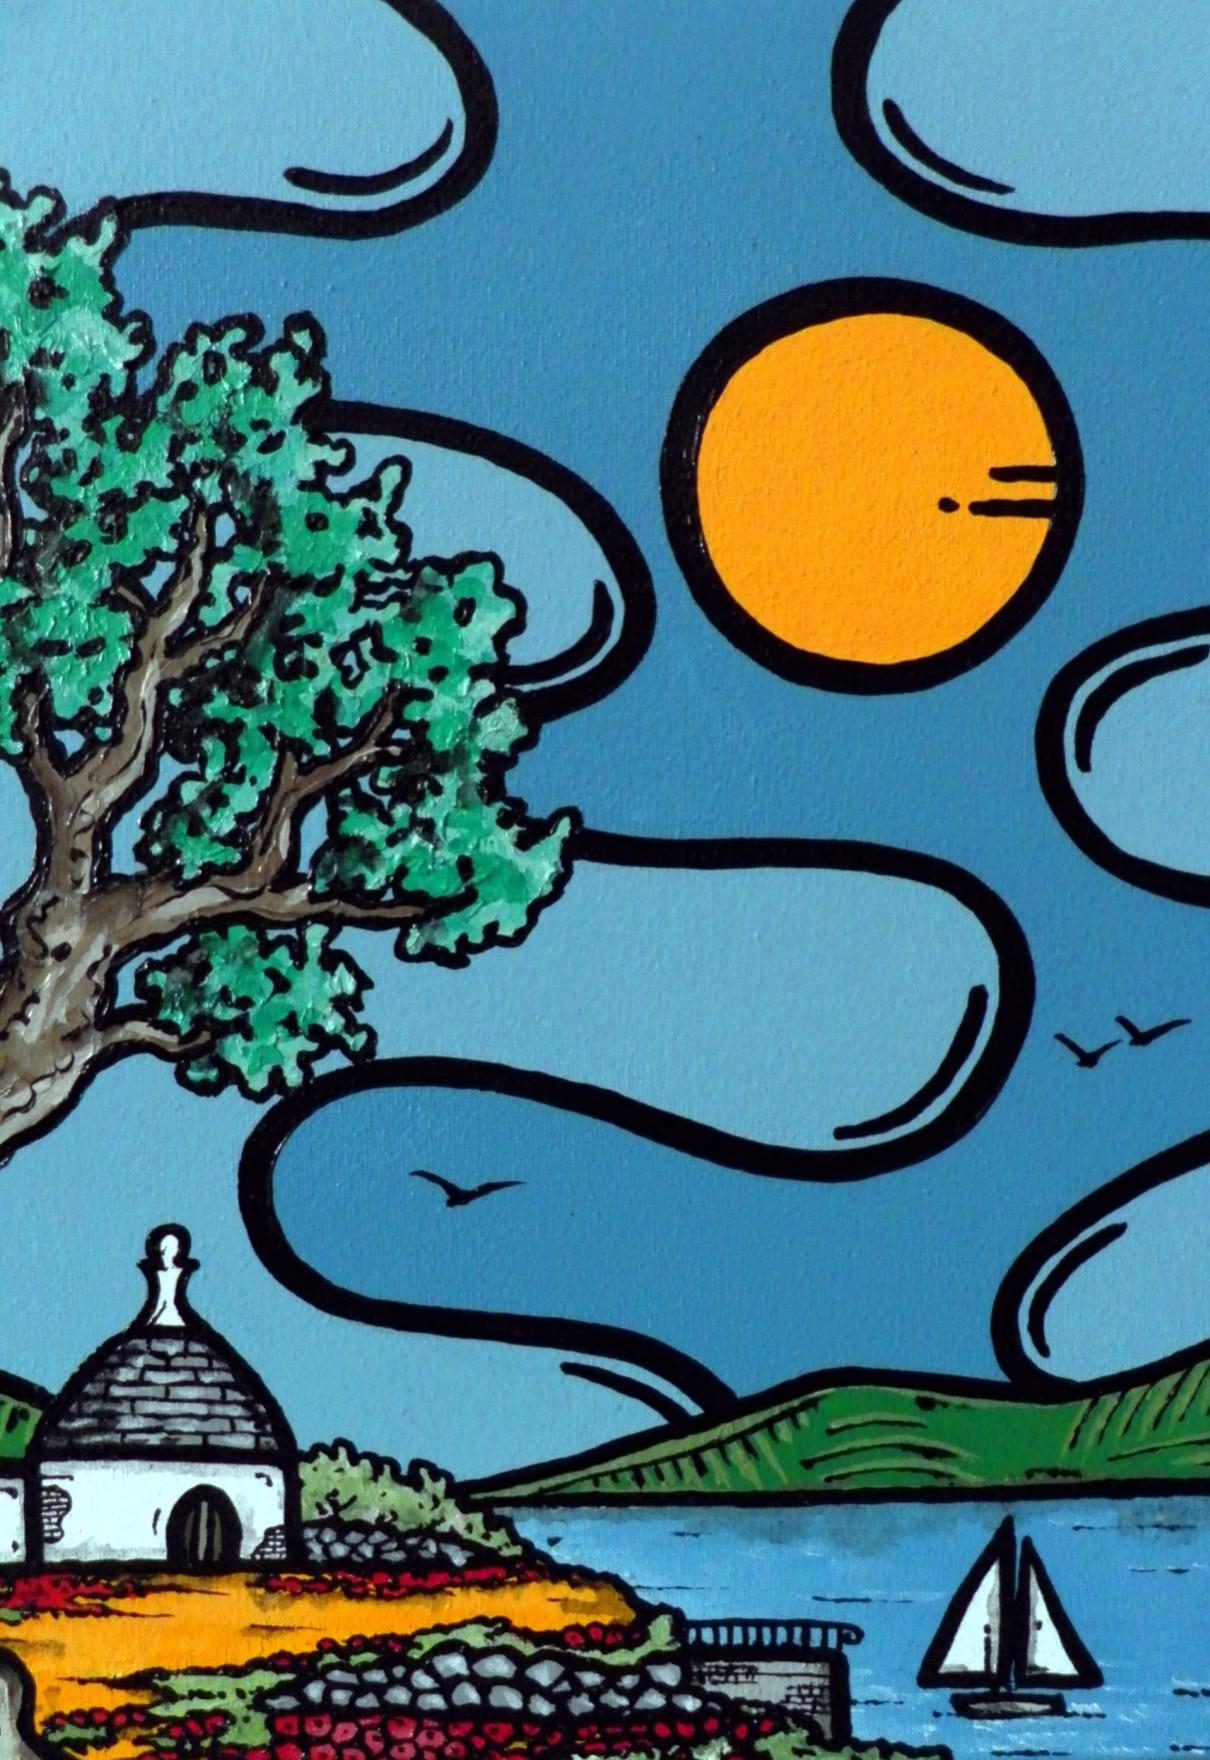 opera d'arte, contornismo metafisico, francesco ferrulli, pittore pugliese, artista italiano, arte contemporanea, dipinto, olio su tela, acrilico su tela, paesaggi pugliesi, quadro colorato, oil on canvas, art, painter, trullo, vela, mare, grano, ulivo